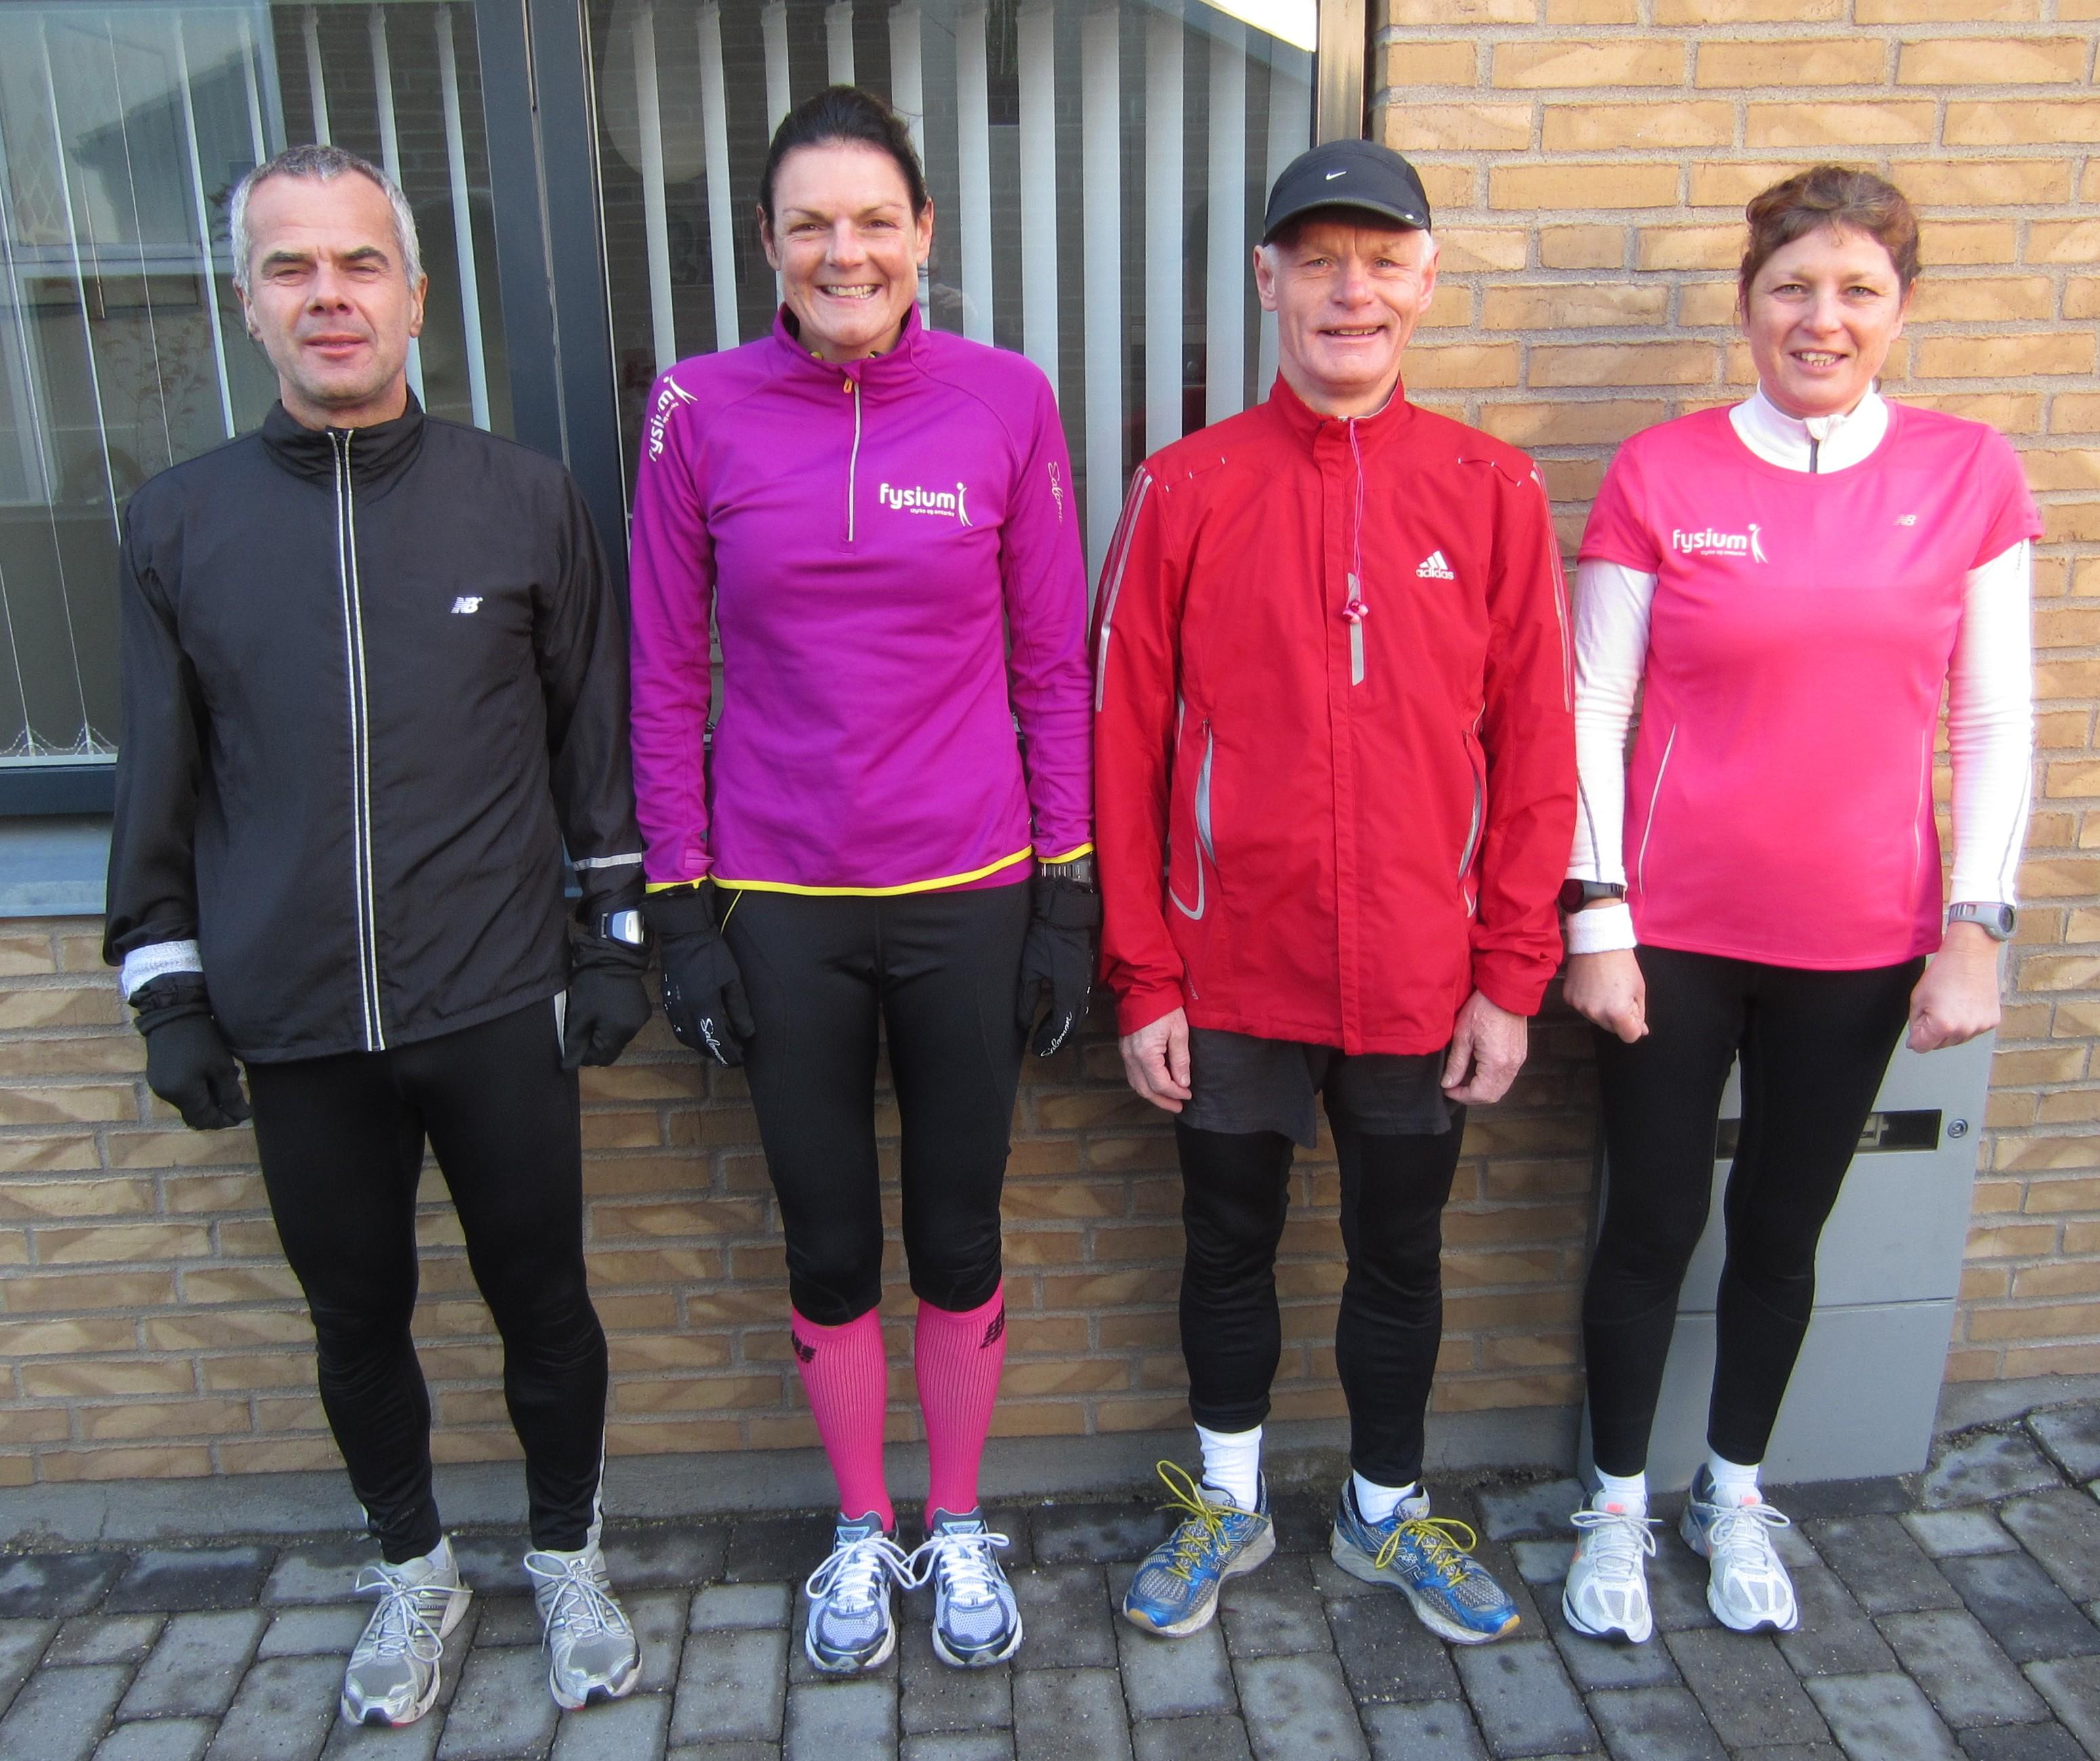 I dag var vi lige nok til et officielt marathon. Leif Skinnerup, Annette Fredskov, Preben Poulsen, Malene Jensen